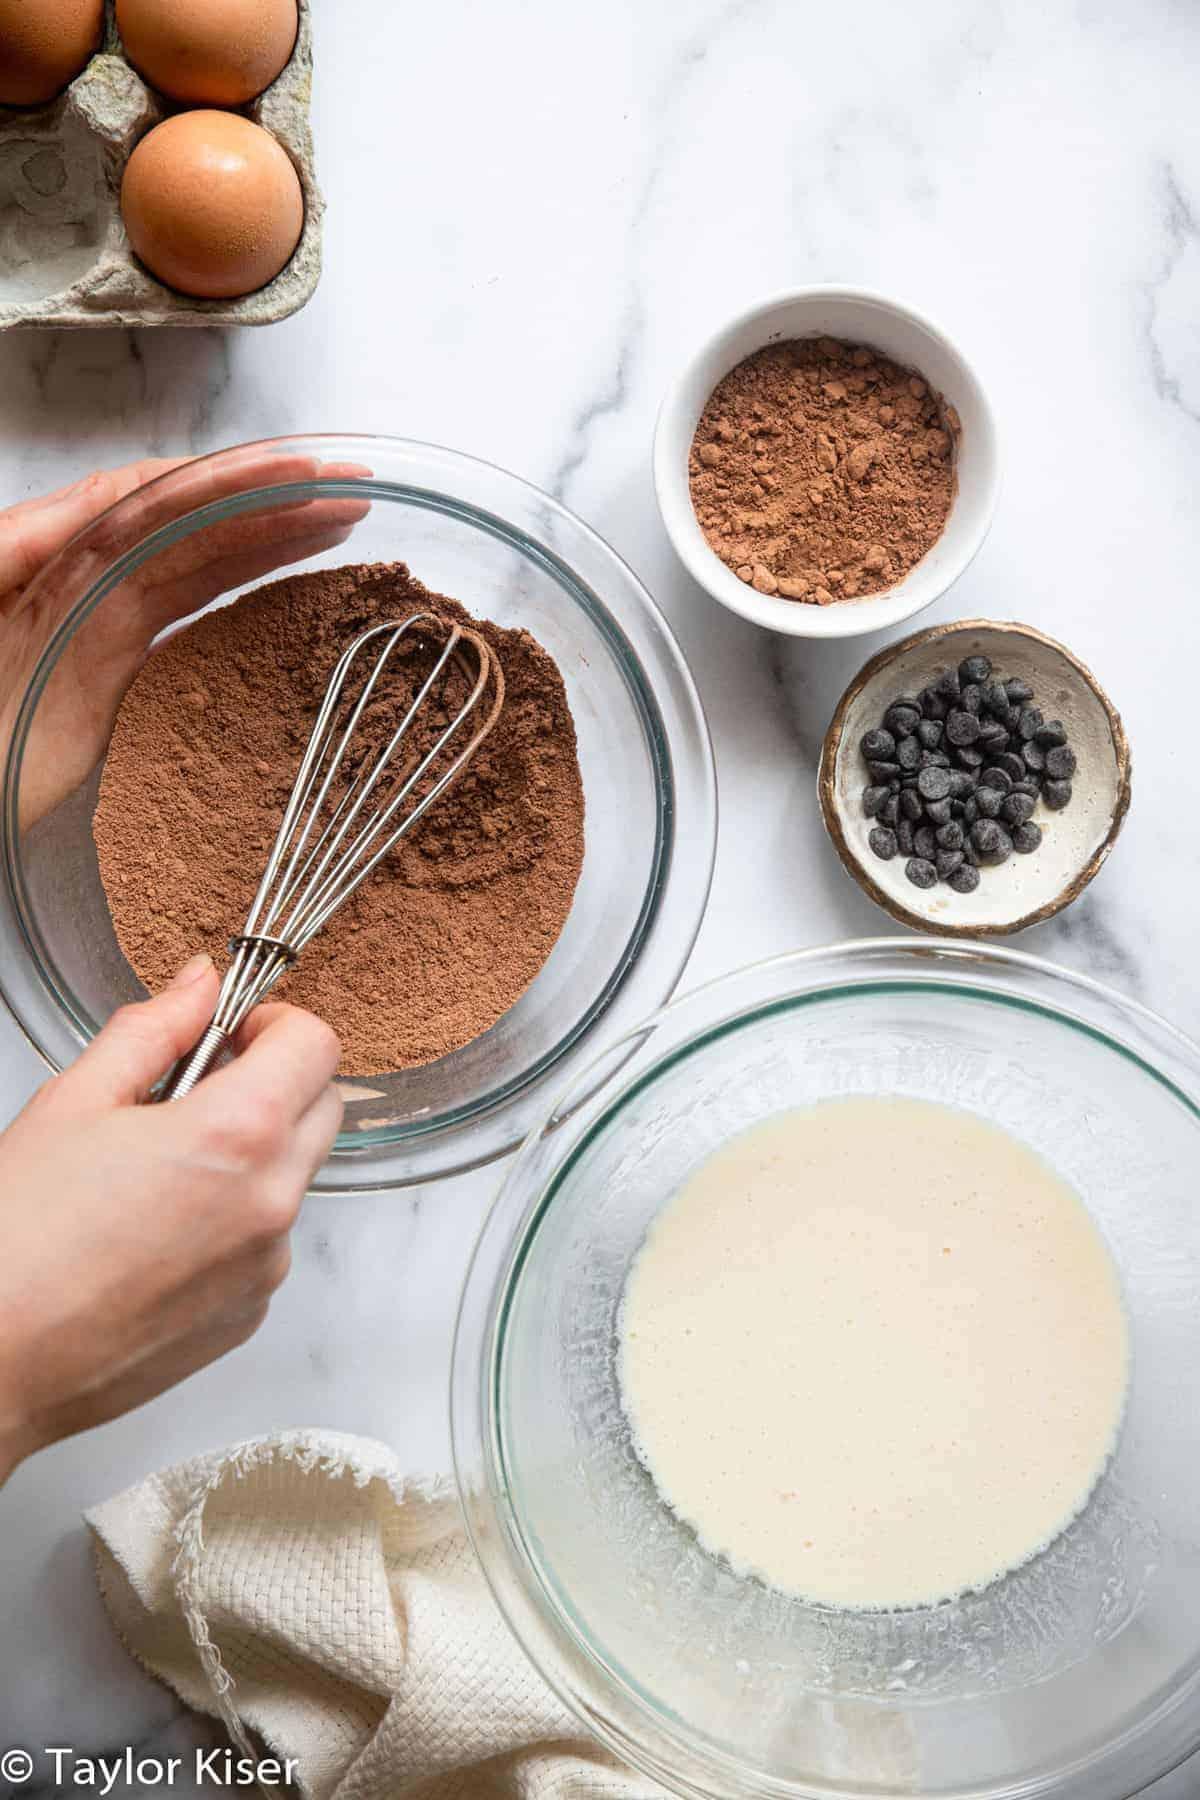 Ingredients to make keto chocolate mug cake in bowls